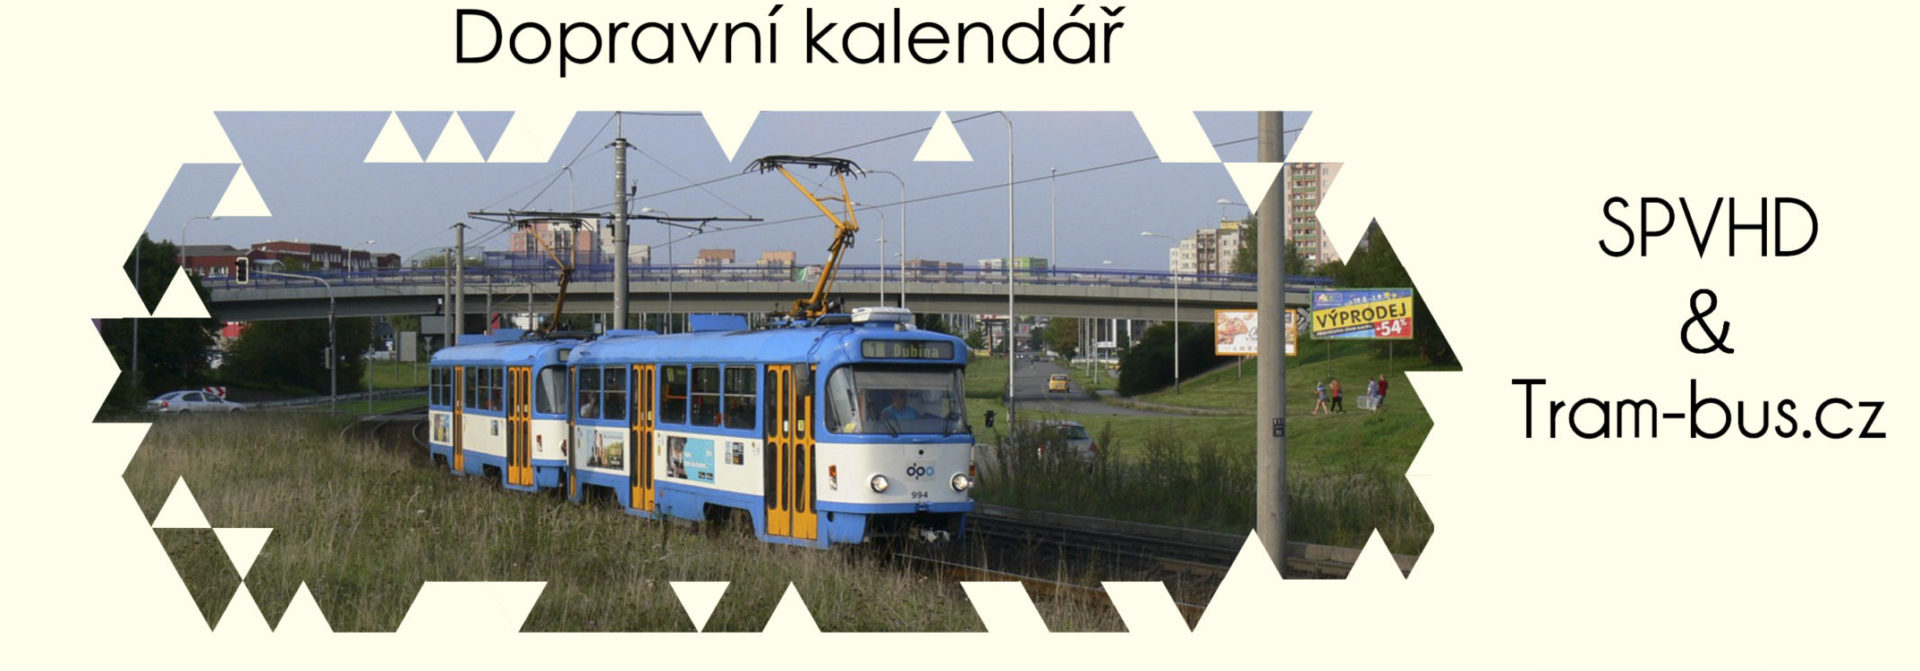 Dopravni kalendar